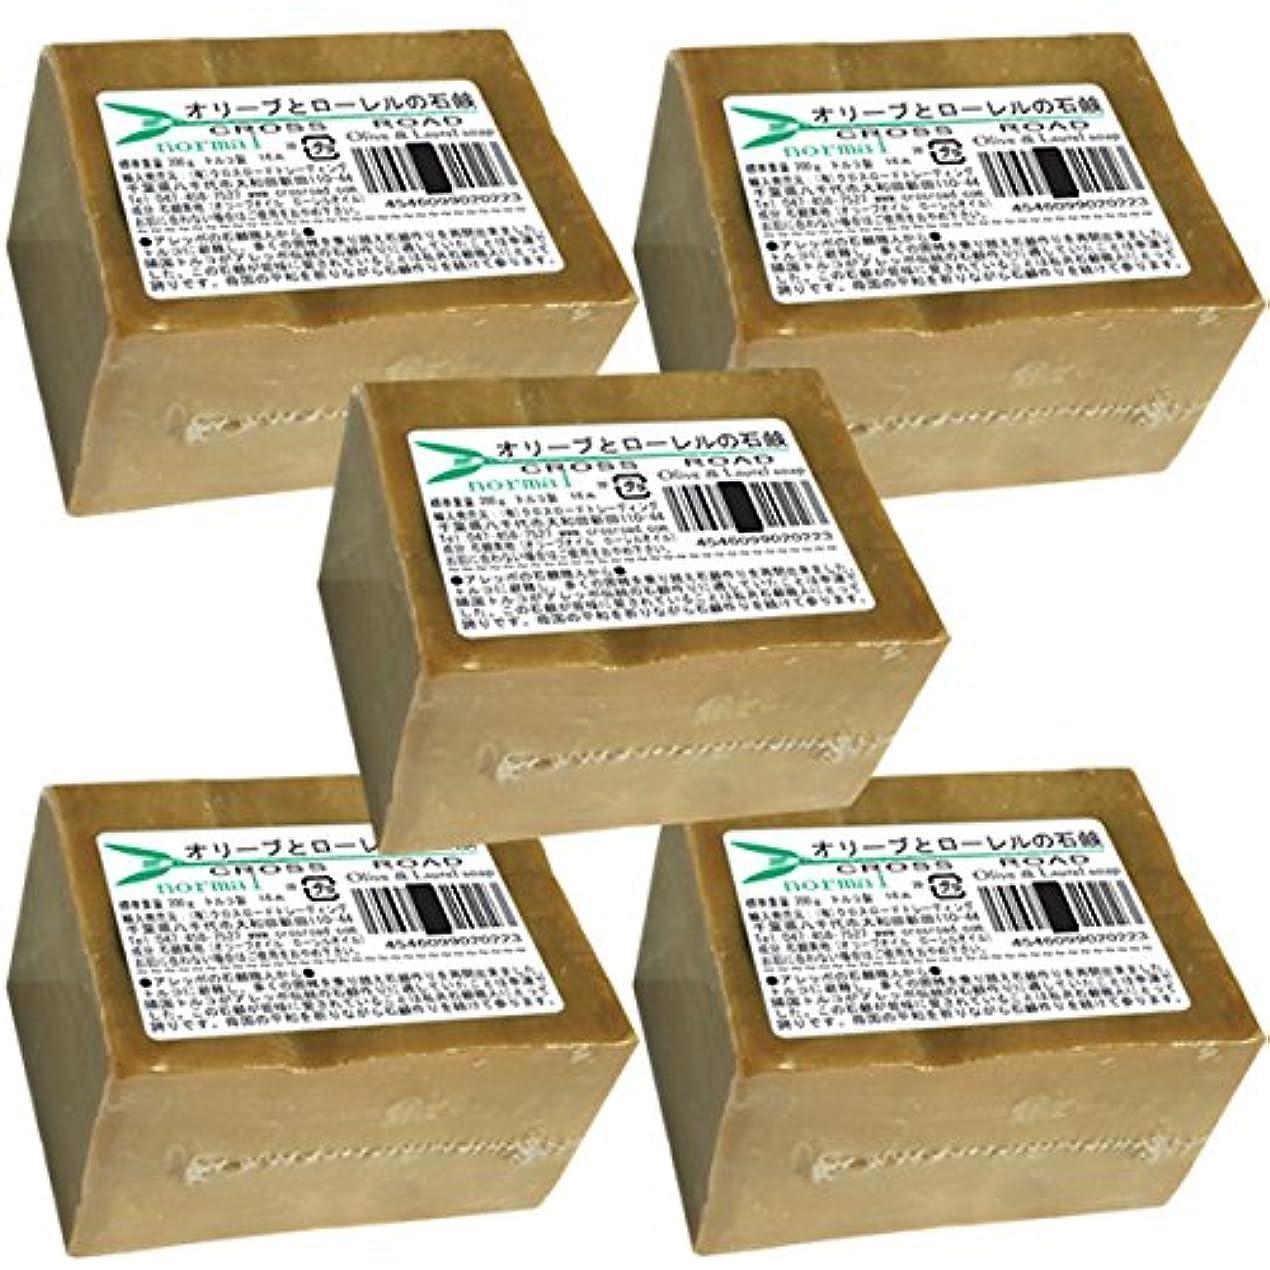 宿高価なスーツケースオリーブとローレルの石鹸(ノーマル)5個セット[並行輸入品]